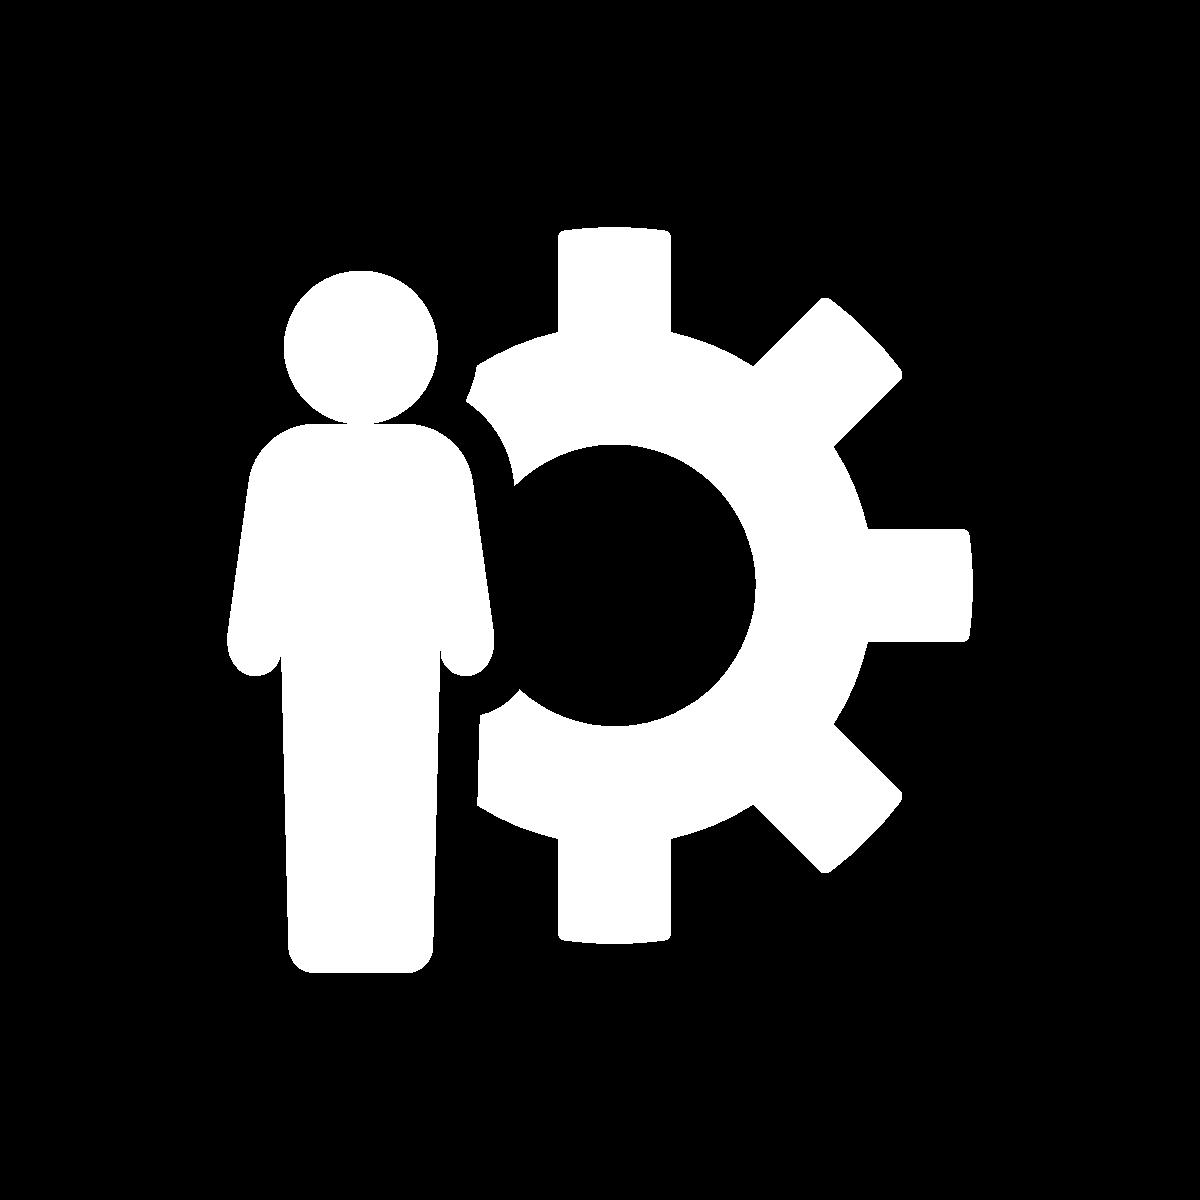 osteosarcoma resources icon